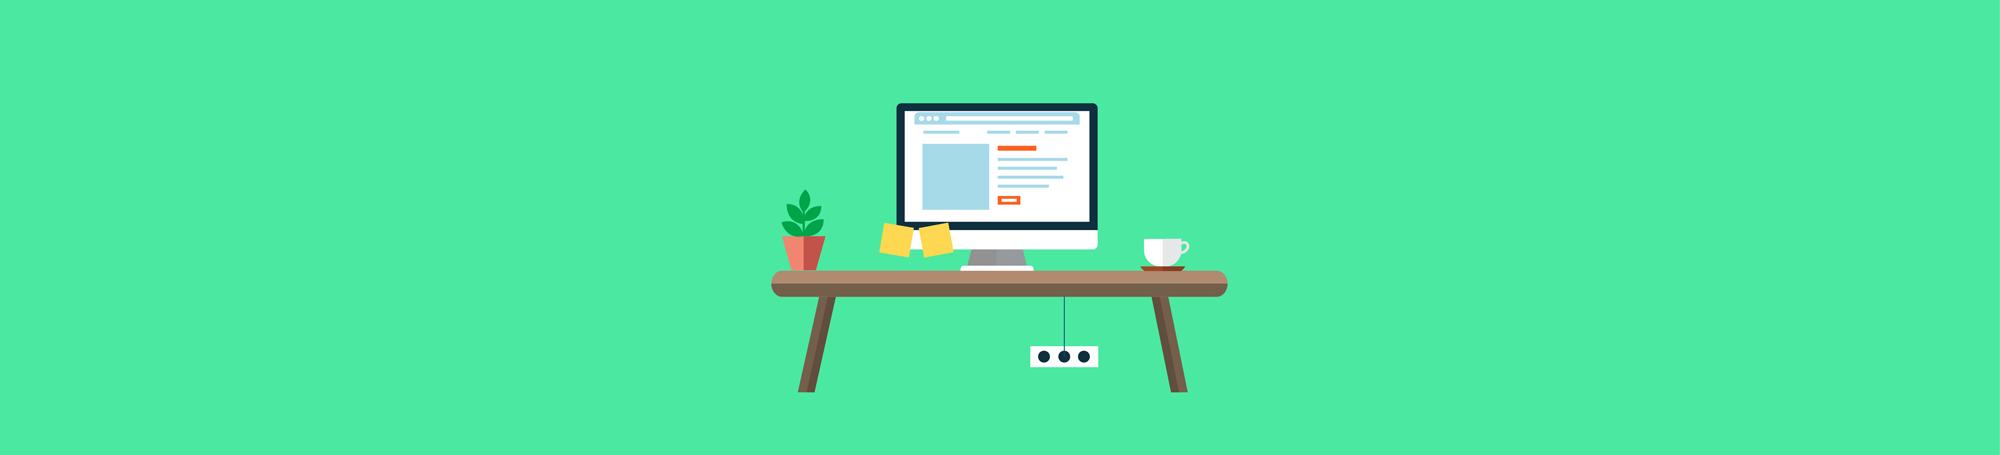 Des1gn ON | Portfolio para freelancer 9 Dicas de como fazer bem feito